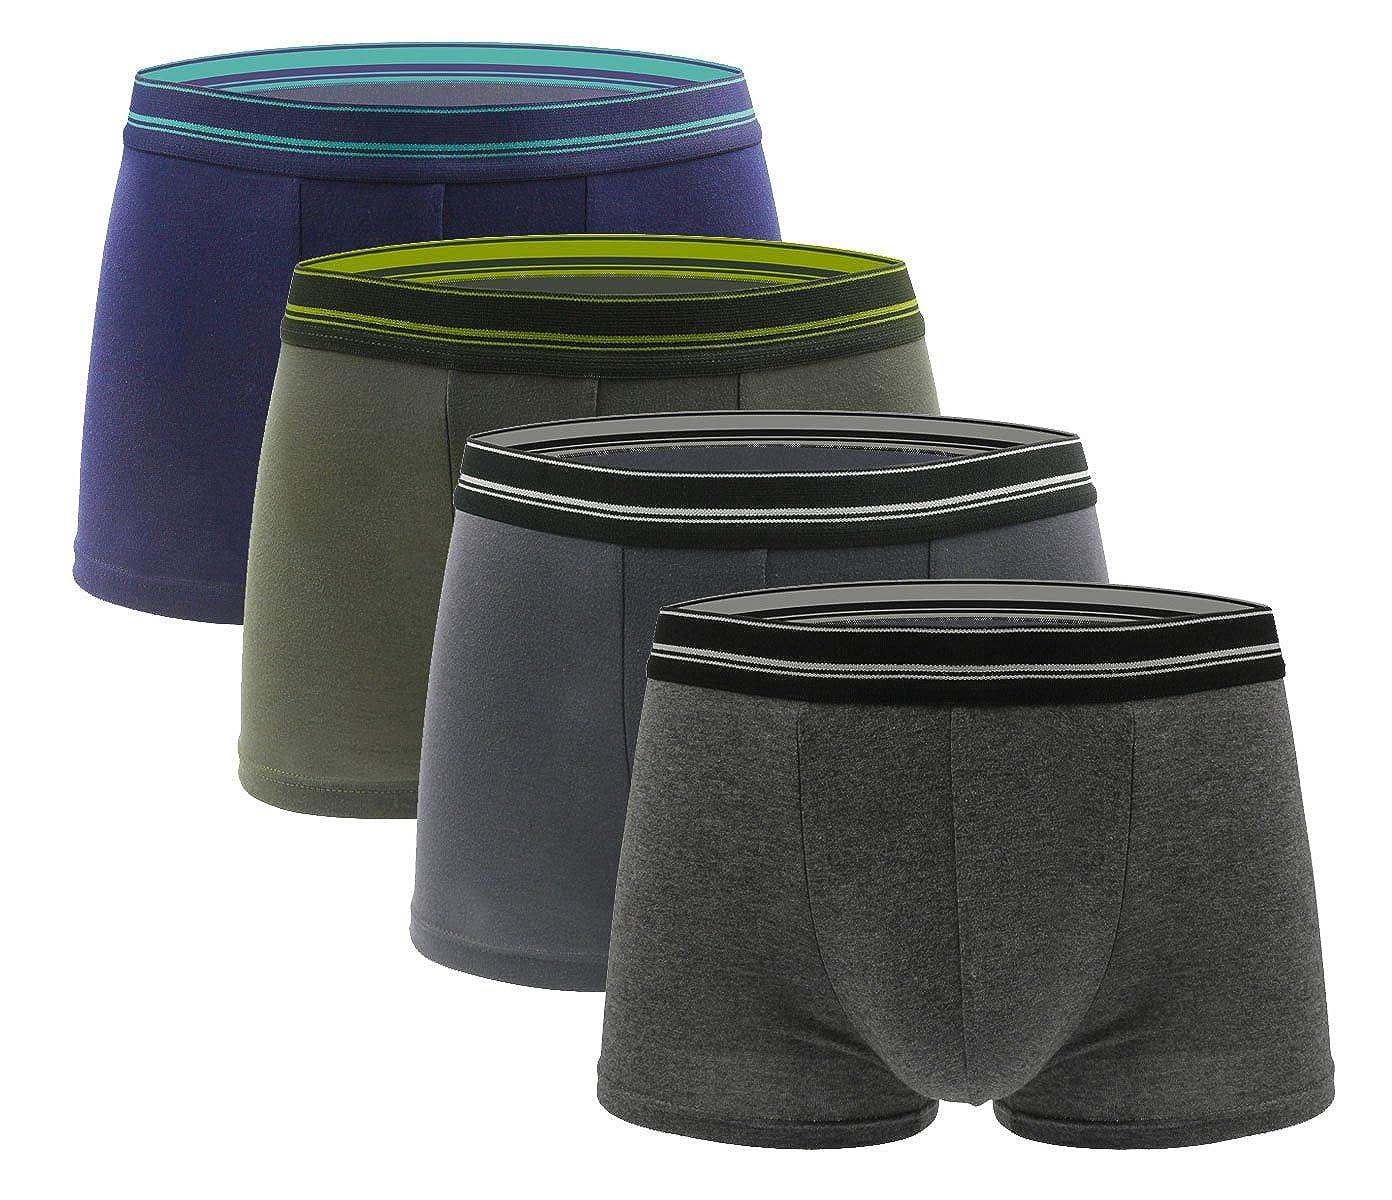 RESPEEDIME Cotton Boxer Brief Ultra Soft 4 Pack Comfort Underwear Underpants